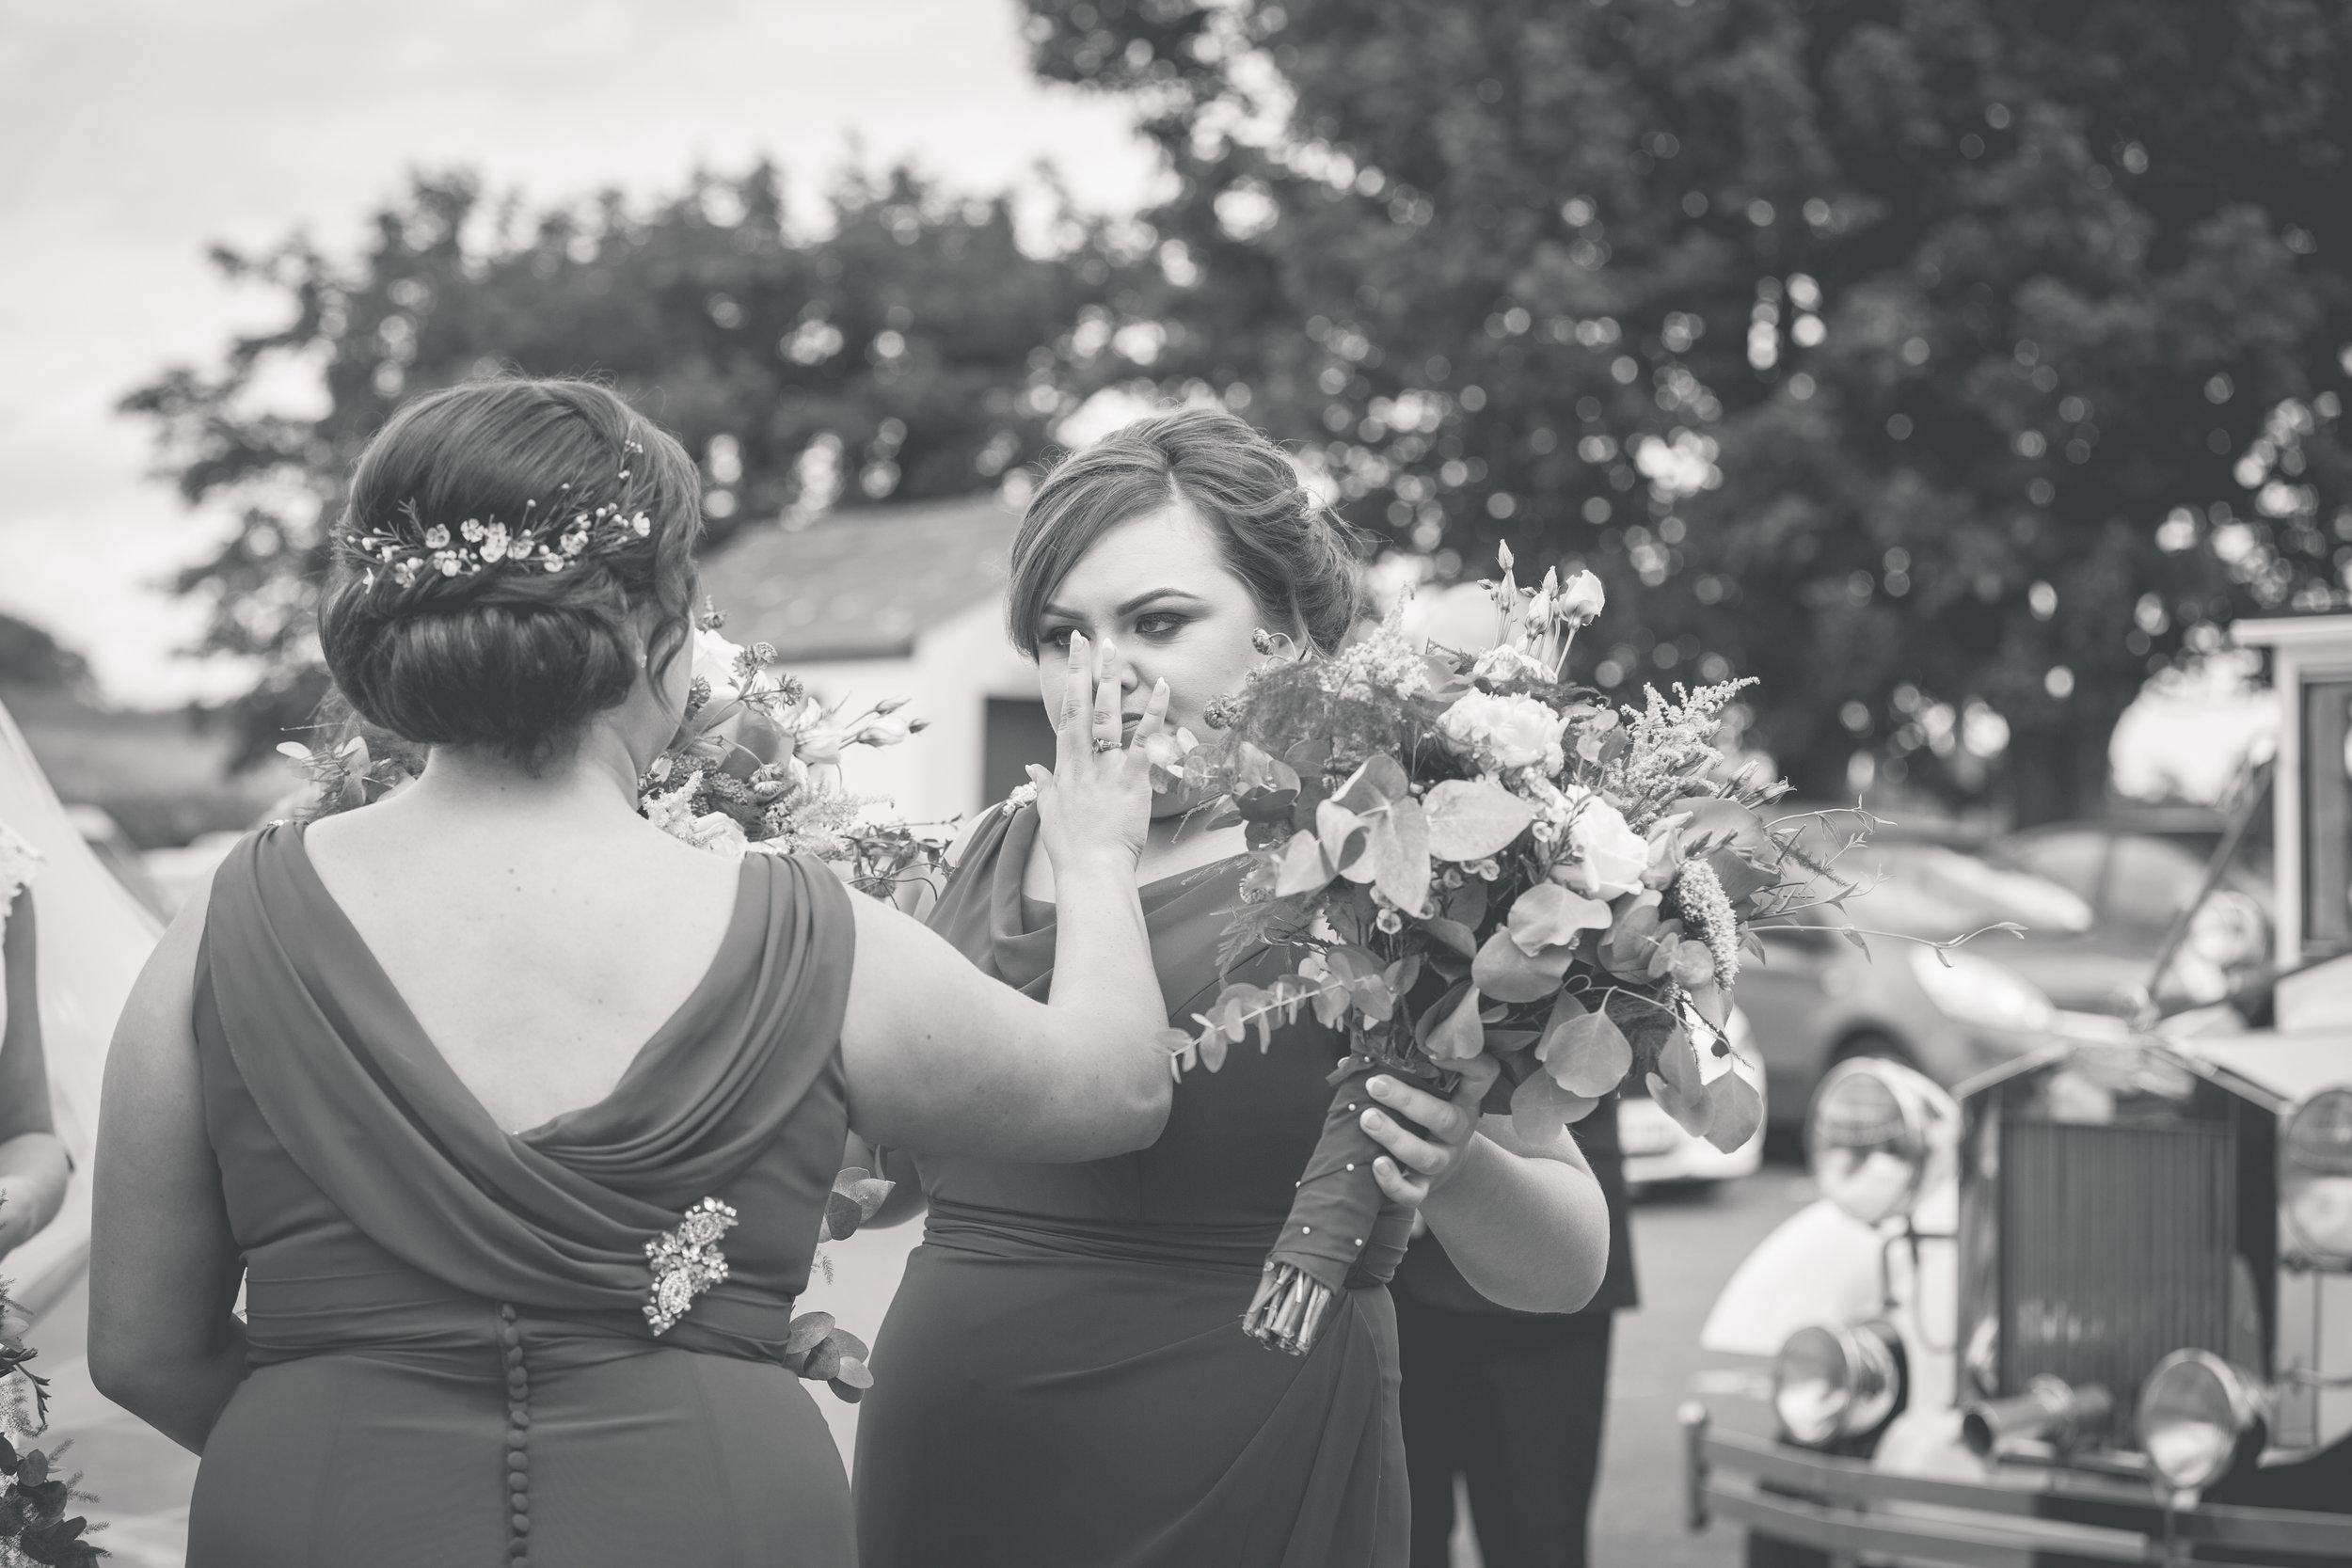 Brian McEwan Wedding Photography   Carol-Anne & Sean   The Ceremony-2.jpg